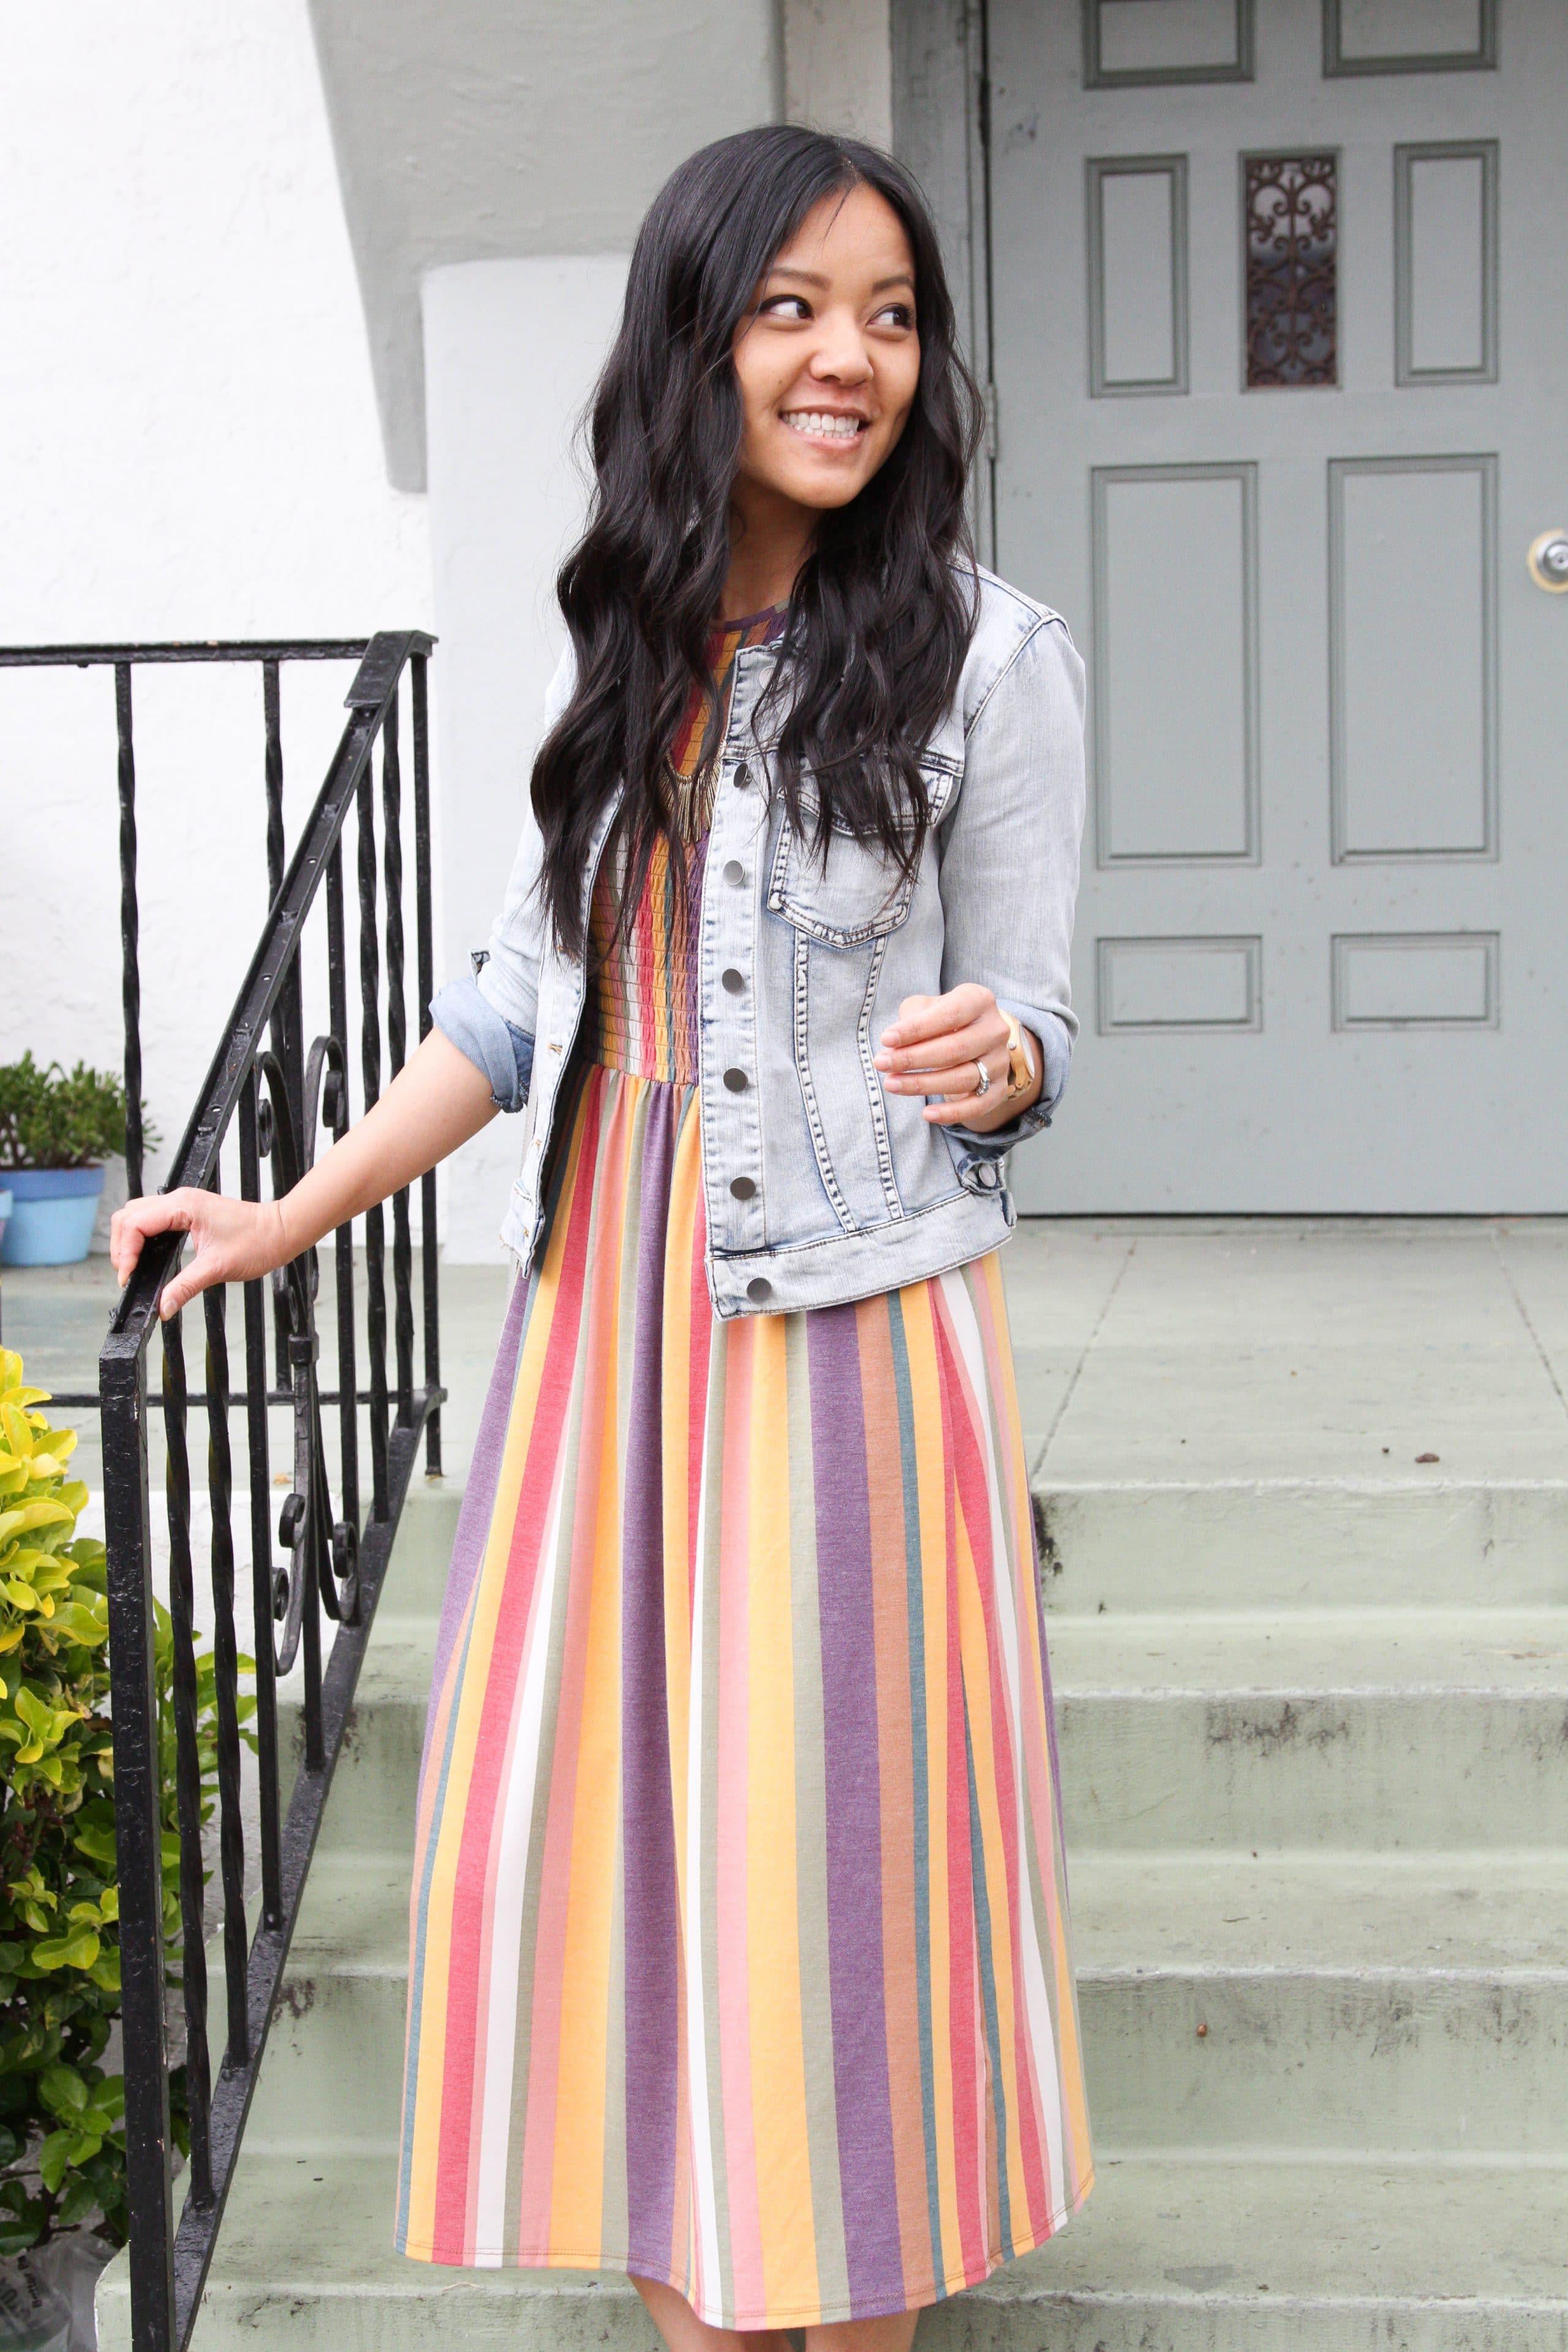 denim jacket + striped maxi dress